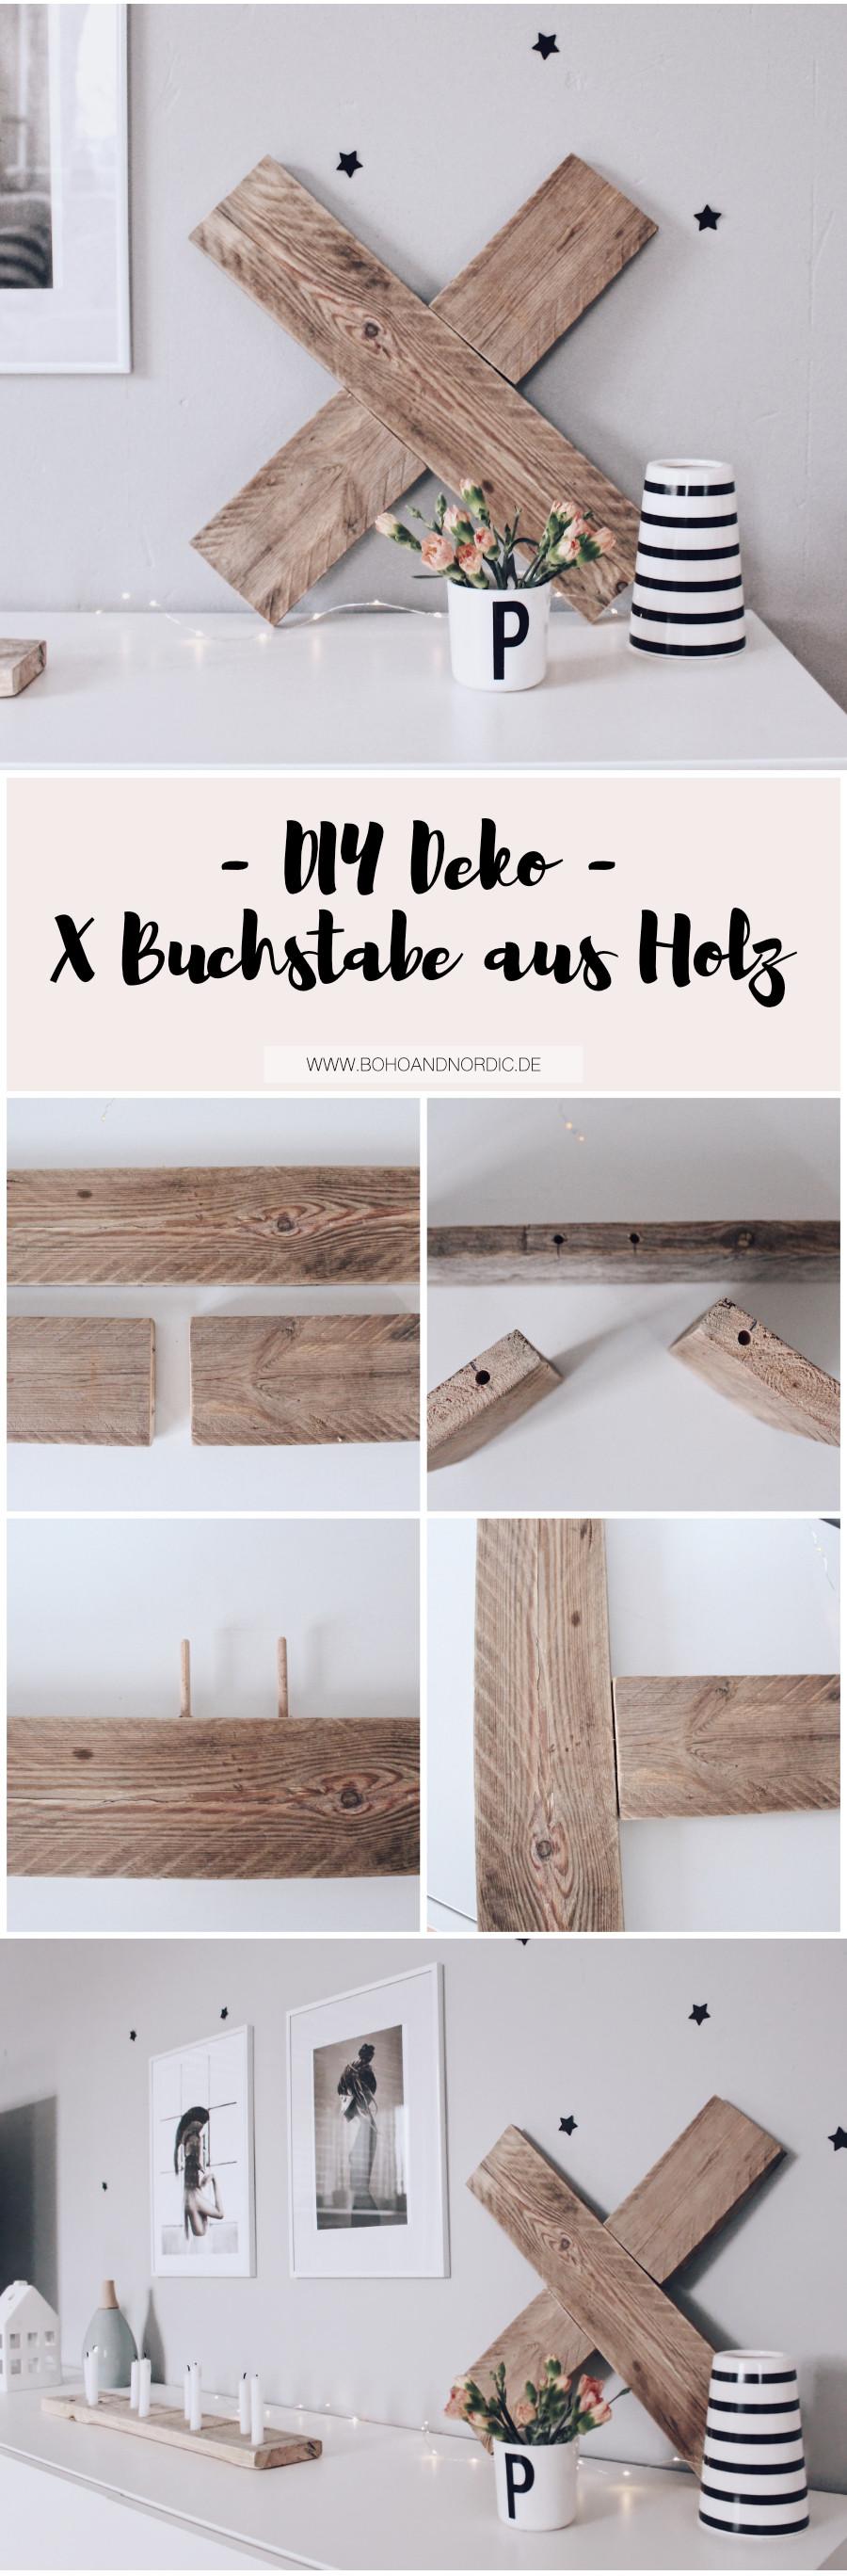 Diy Holz Deko  DIY Deko aus Holz X Buchstabe aus Holz selber machen